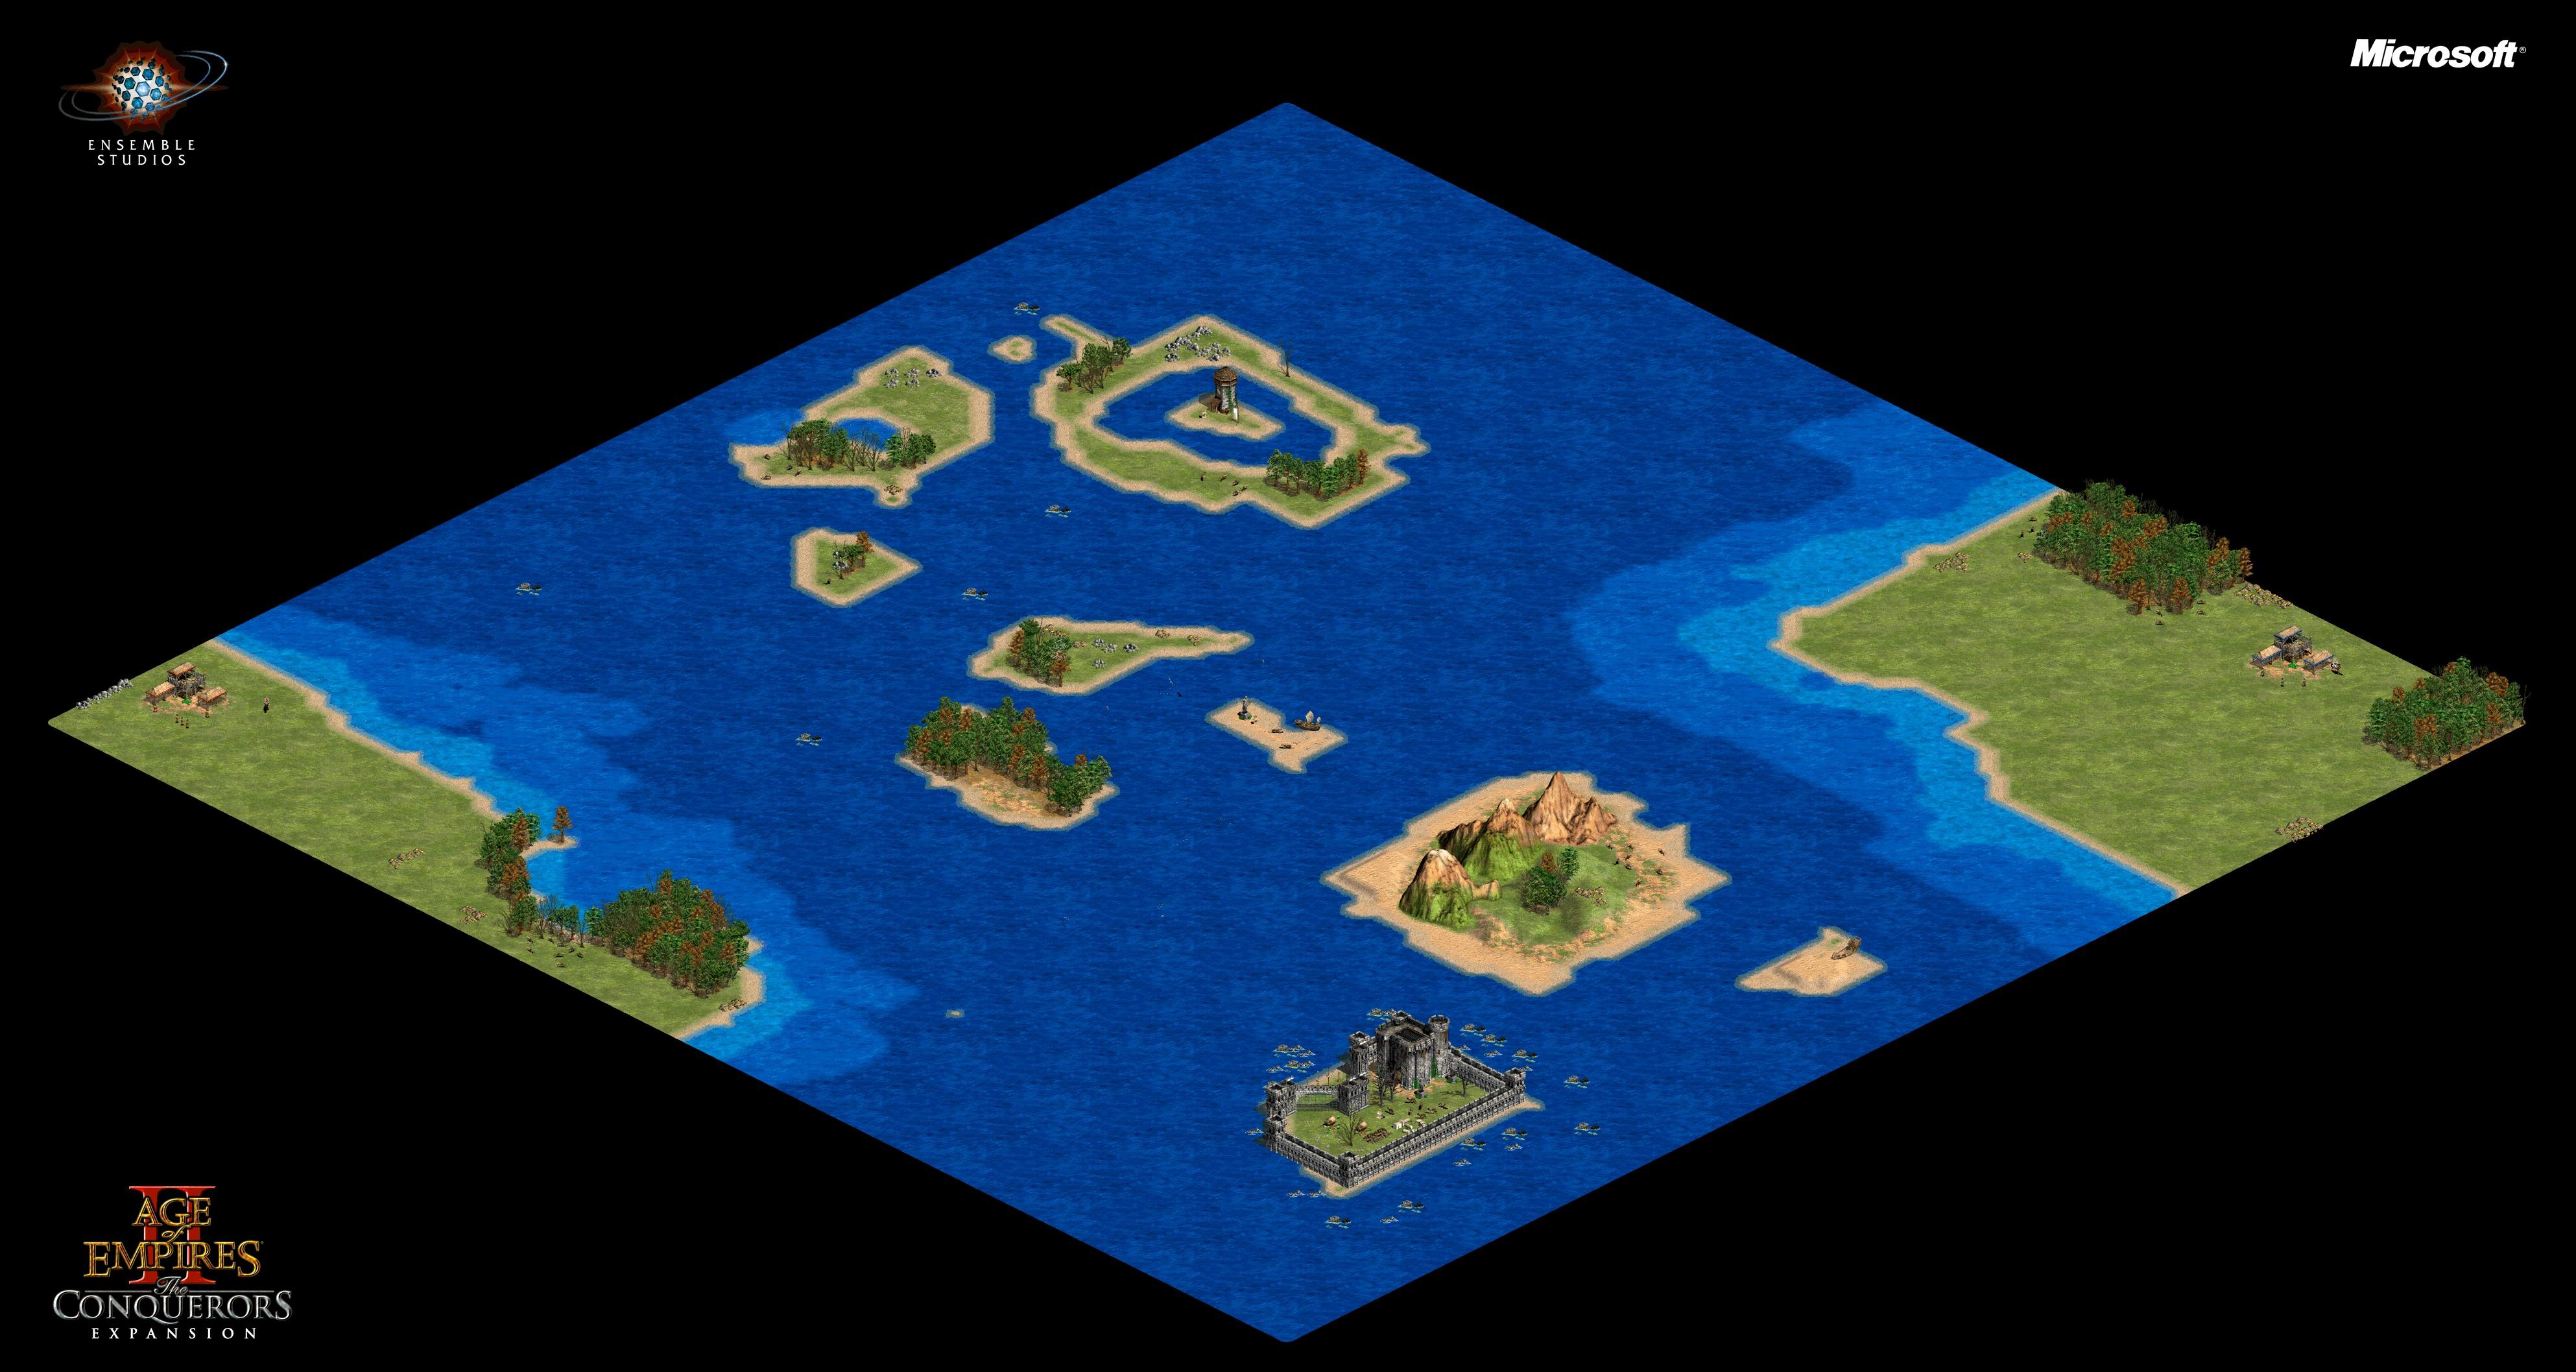 Age of Empires 3 Heaven :: Single Player Scenarios